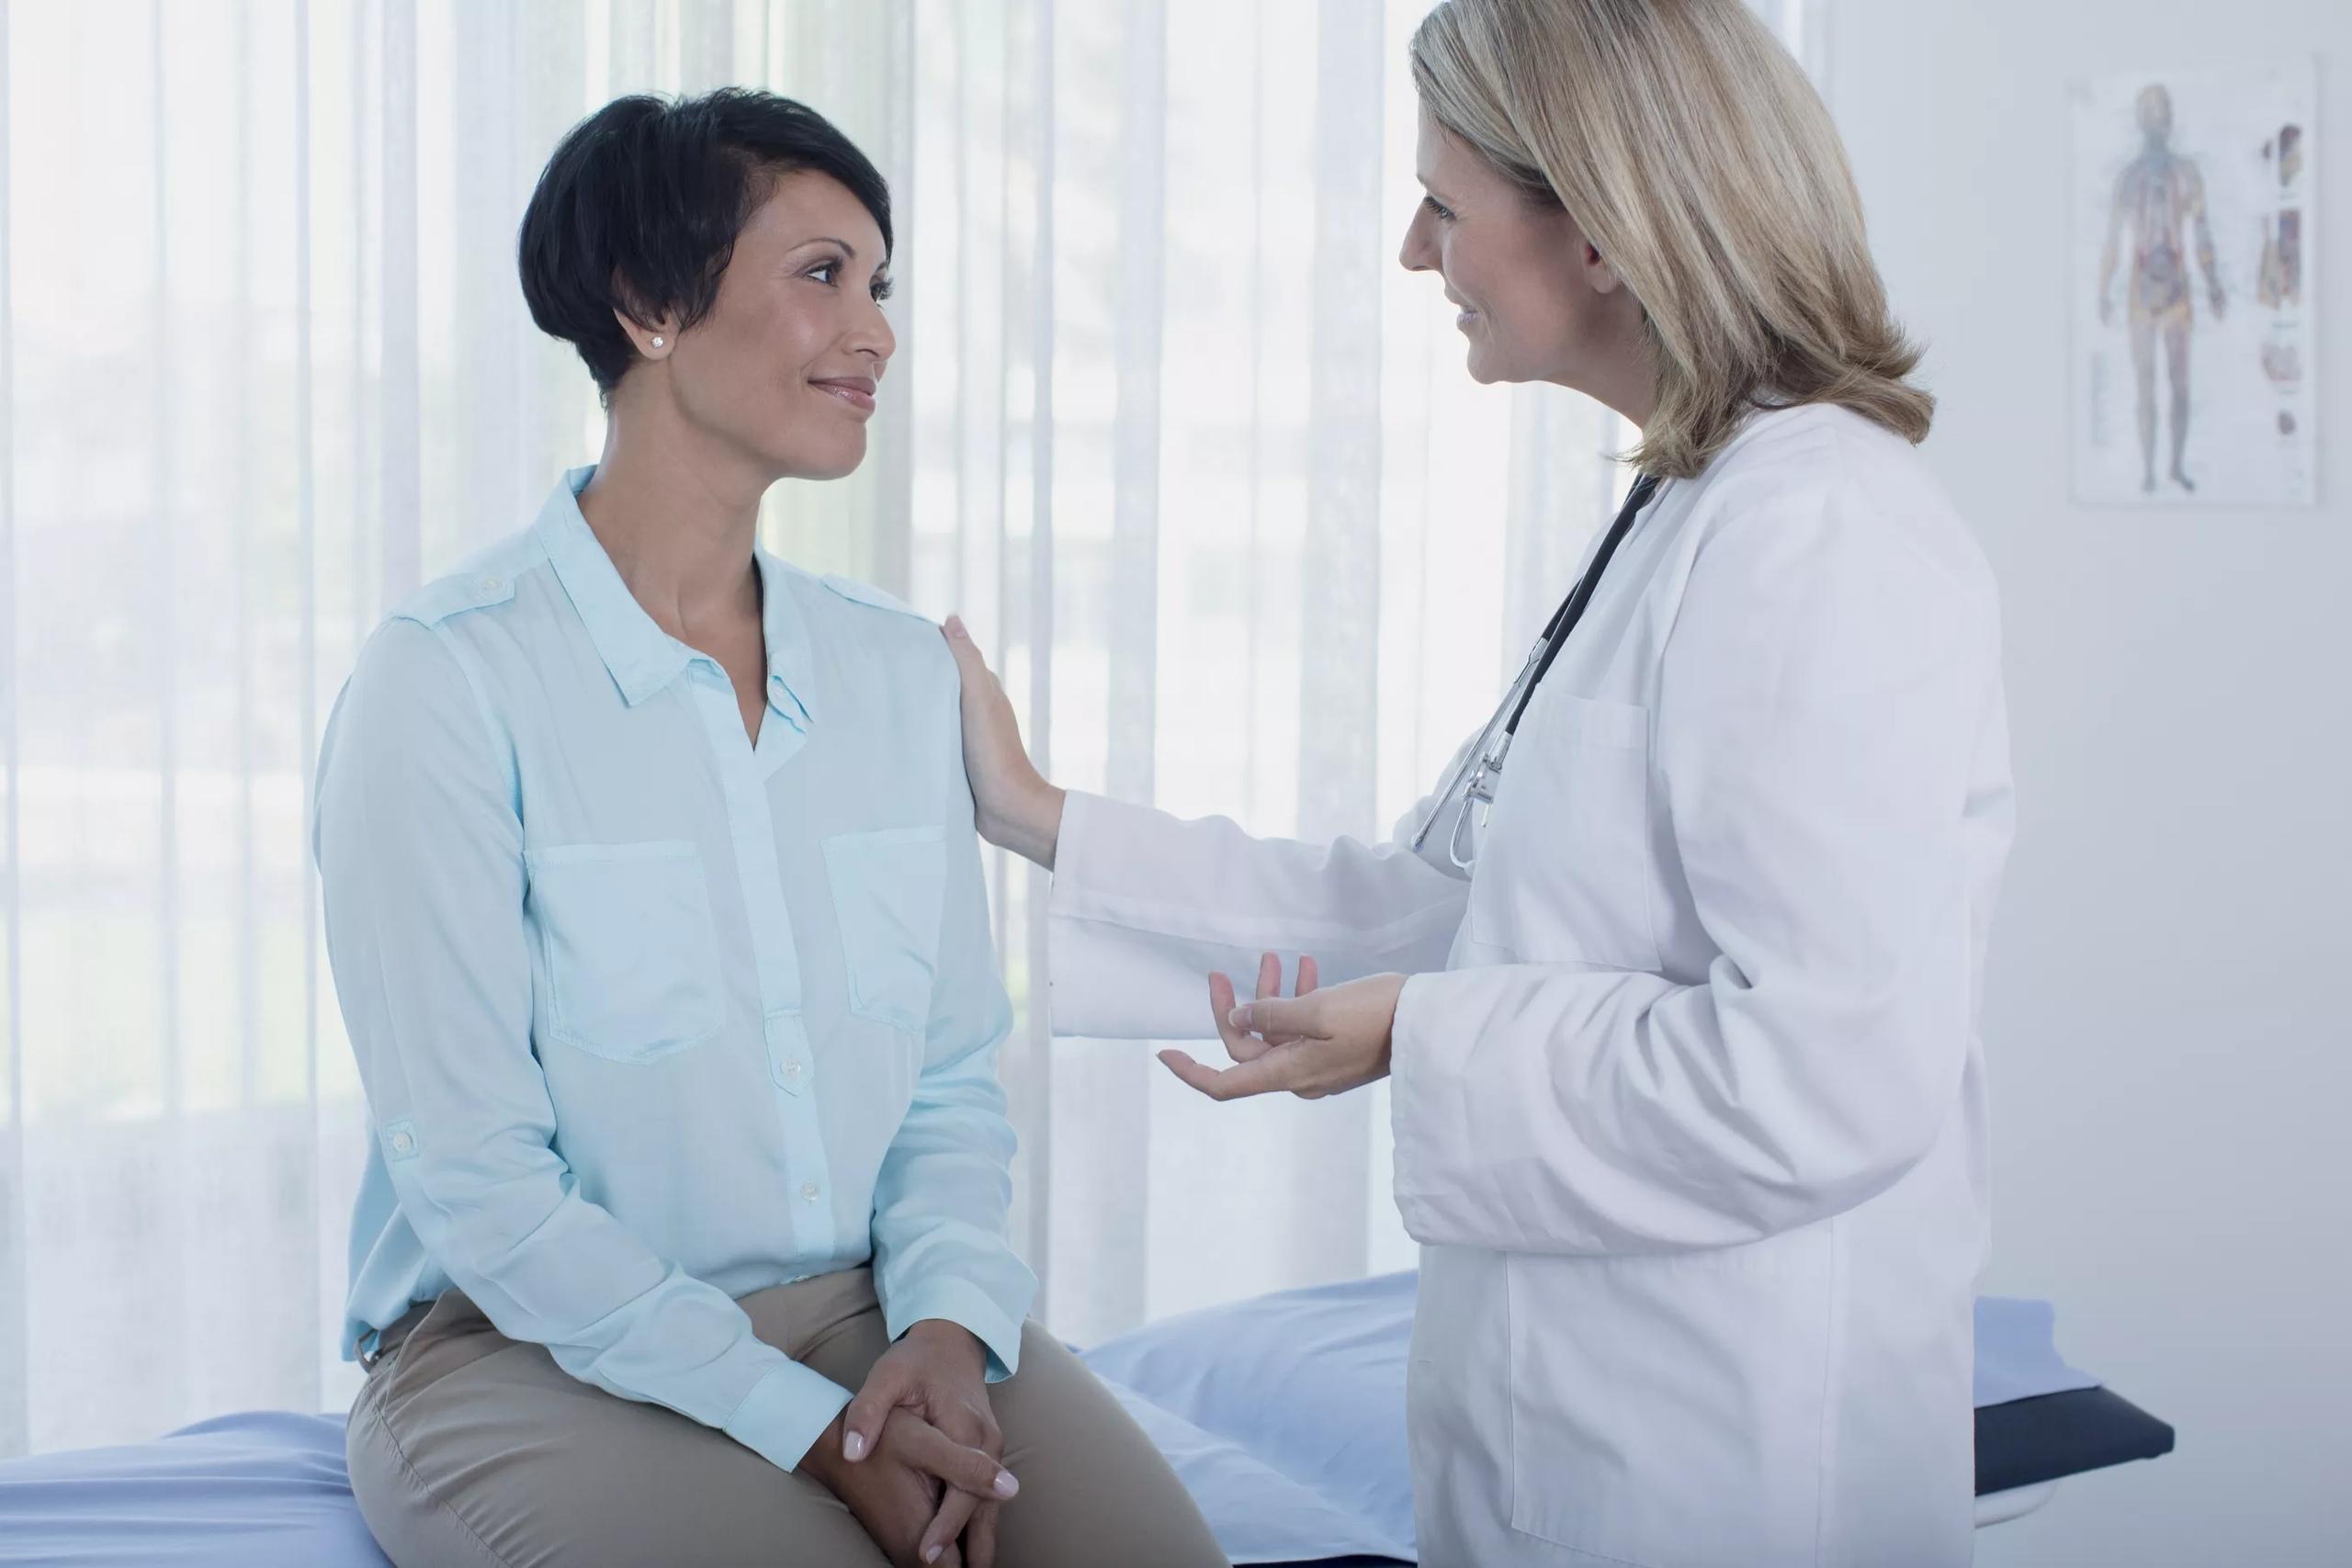 Улыбающиеся женщина-врач разговаривает с пациентом в офисе про антидепрессанты.